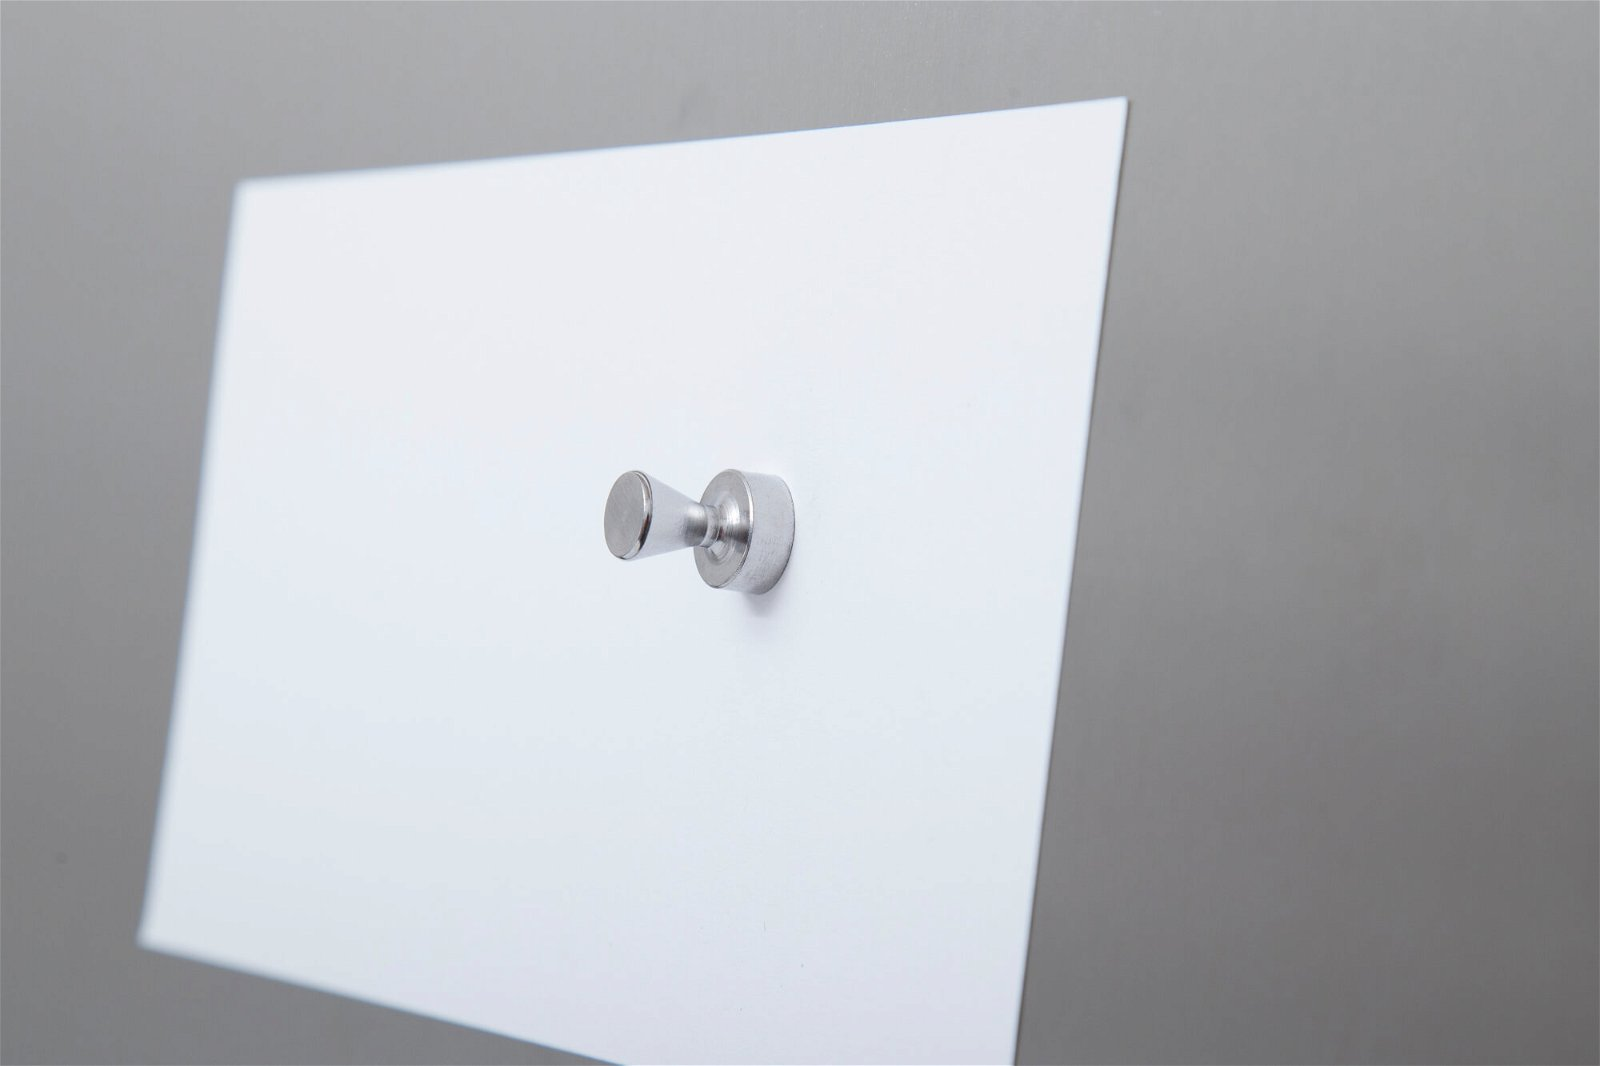 Neodym-Kegelmagnet, Ø 12 mm, 3,5 kg Haftkraft, 5 St./Set, hellsilber